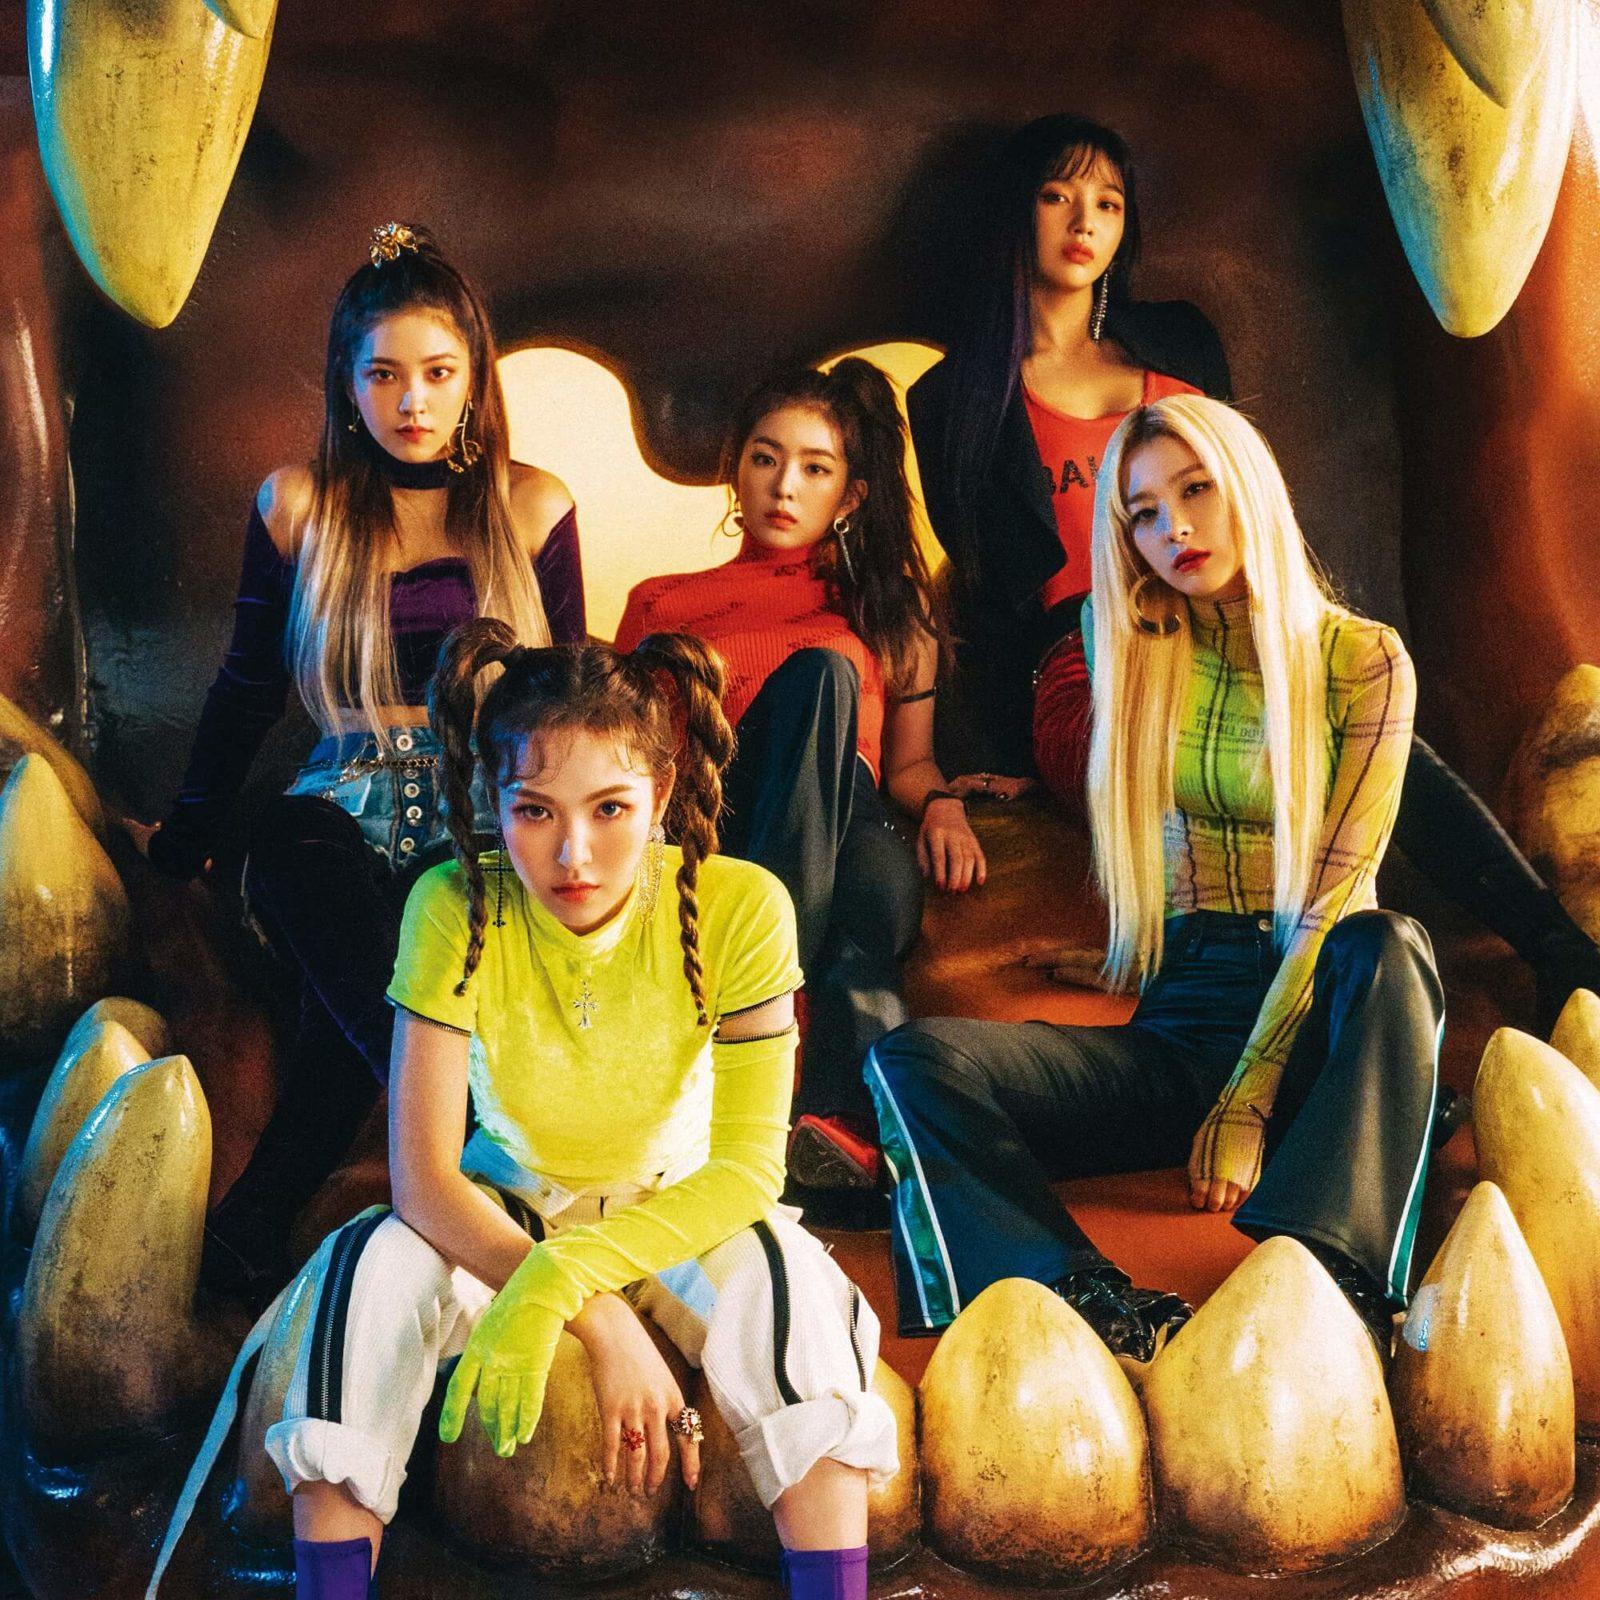 人気ガールズグループRed Velvet、Digital Singleリリース決定&ティザー映像でサプライズ発表サムネイル画像